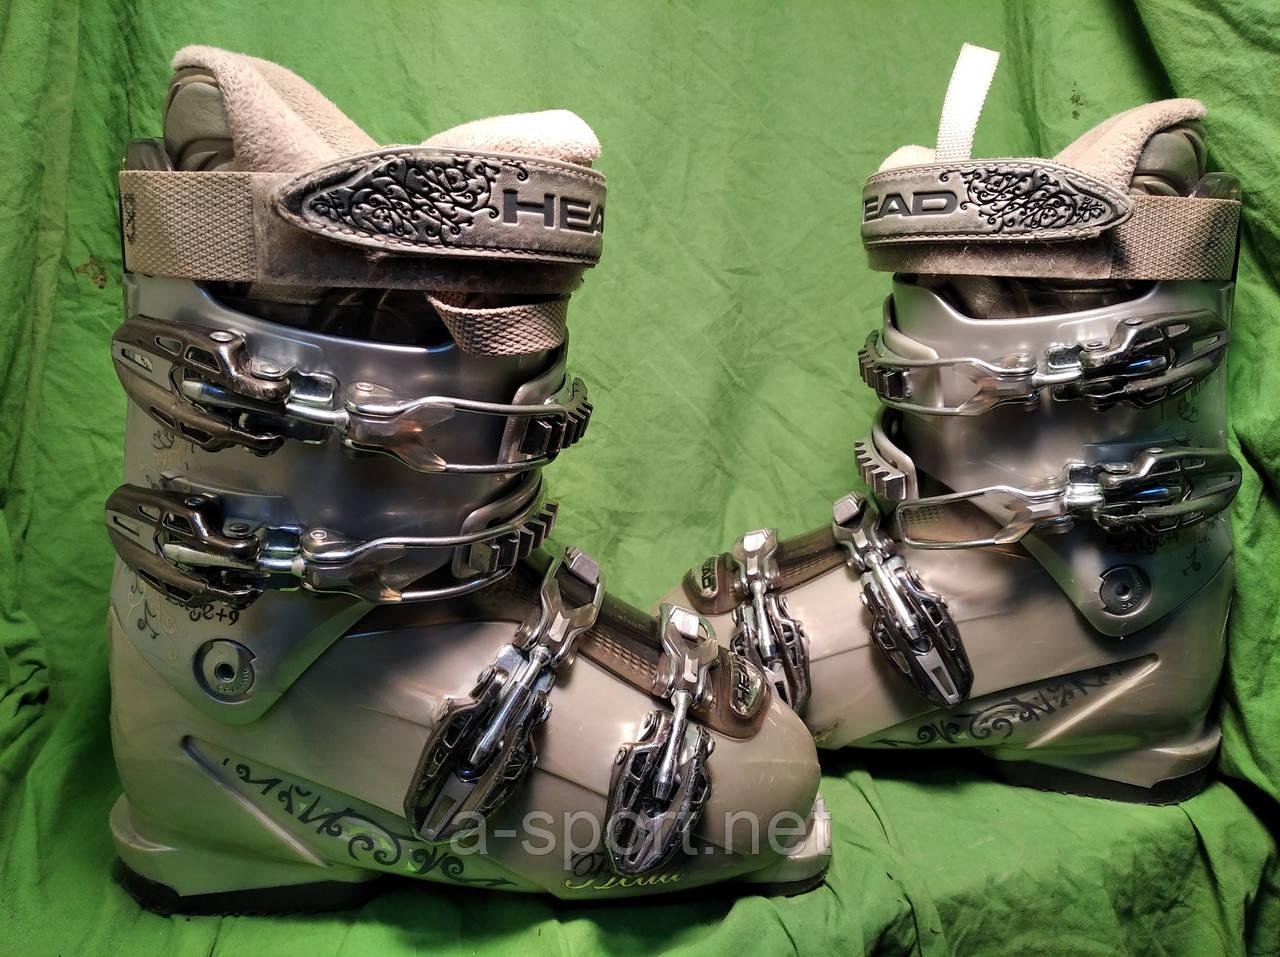 Гірськолижні черевики Head edge 9+ 24.5 см